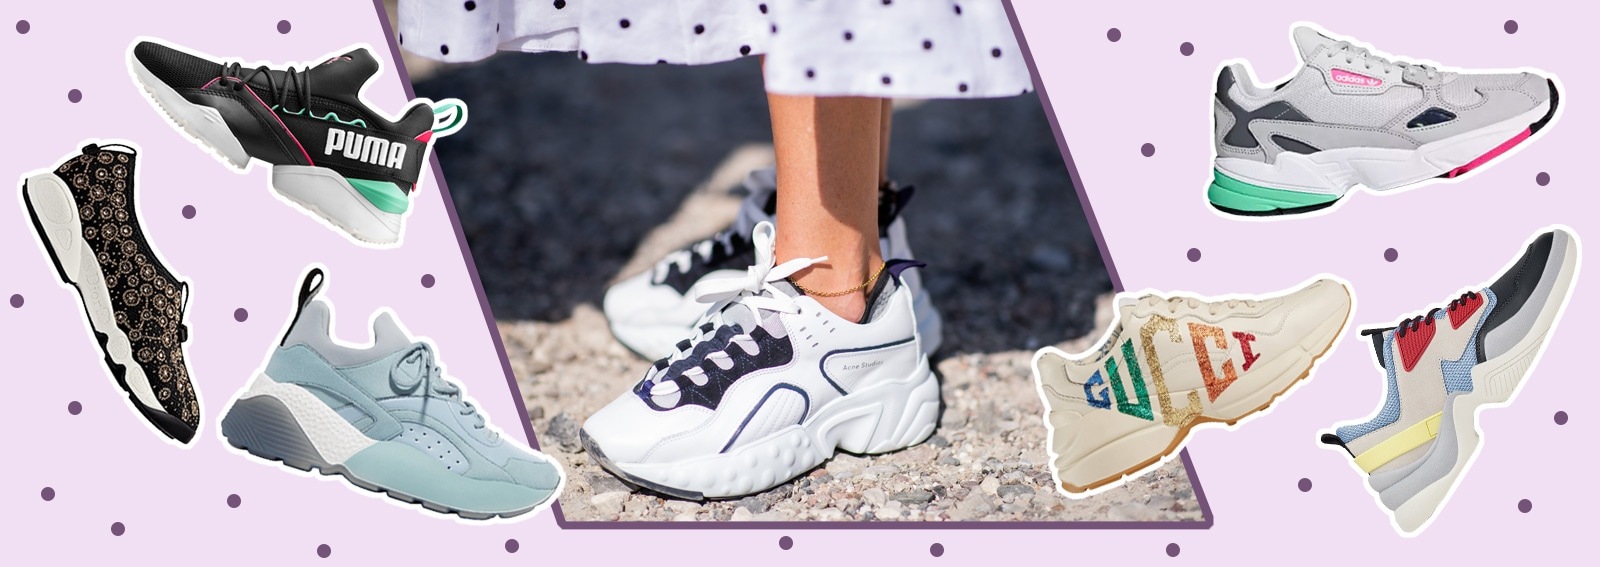 Chunky Sneakers 2018 Modelli L'autunno Da Per I Scegliere TBT8wn1q7r